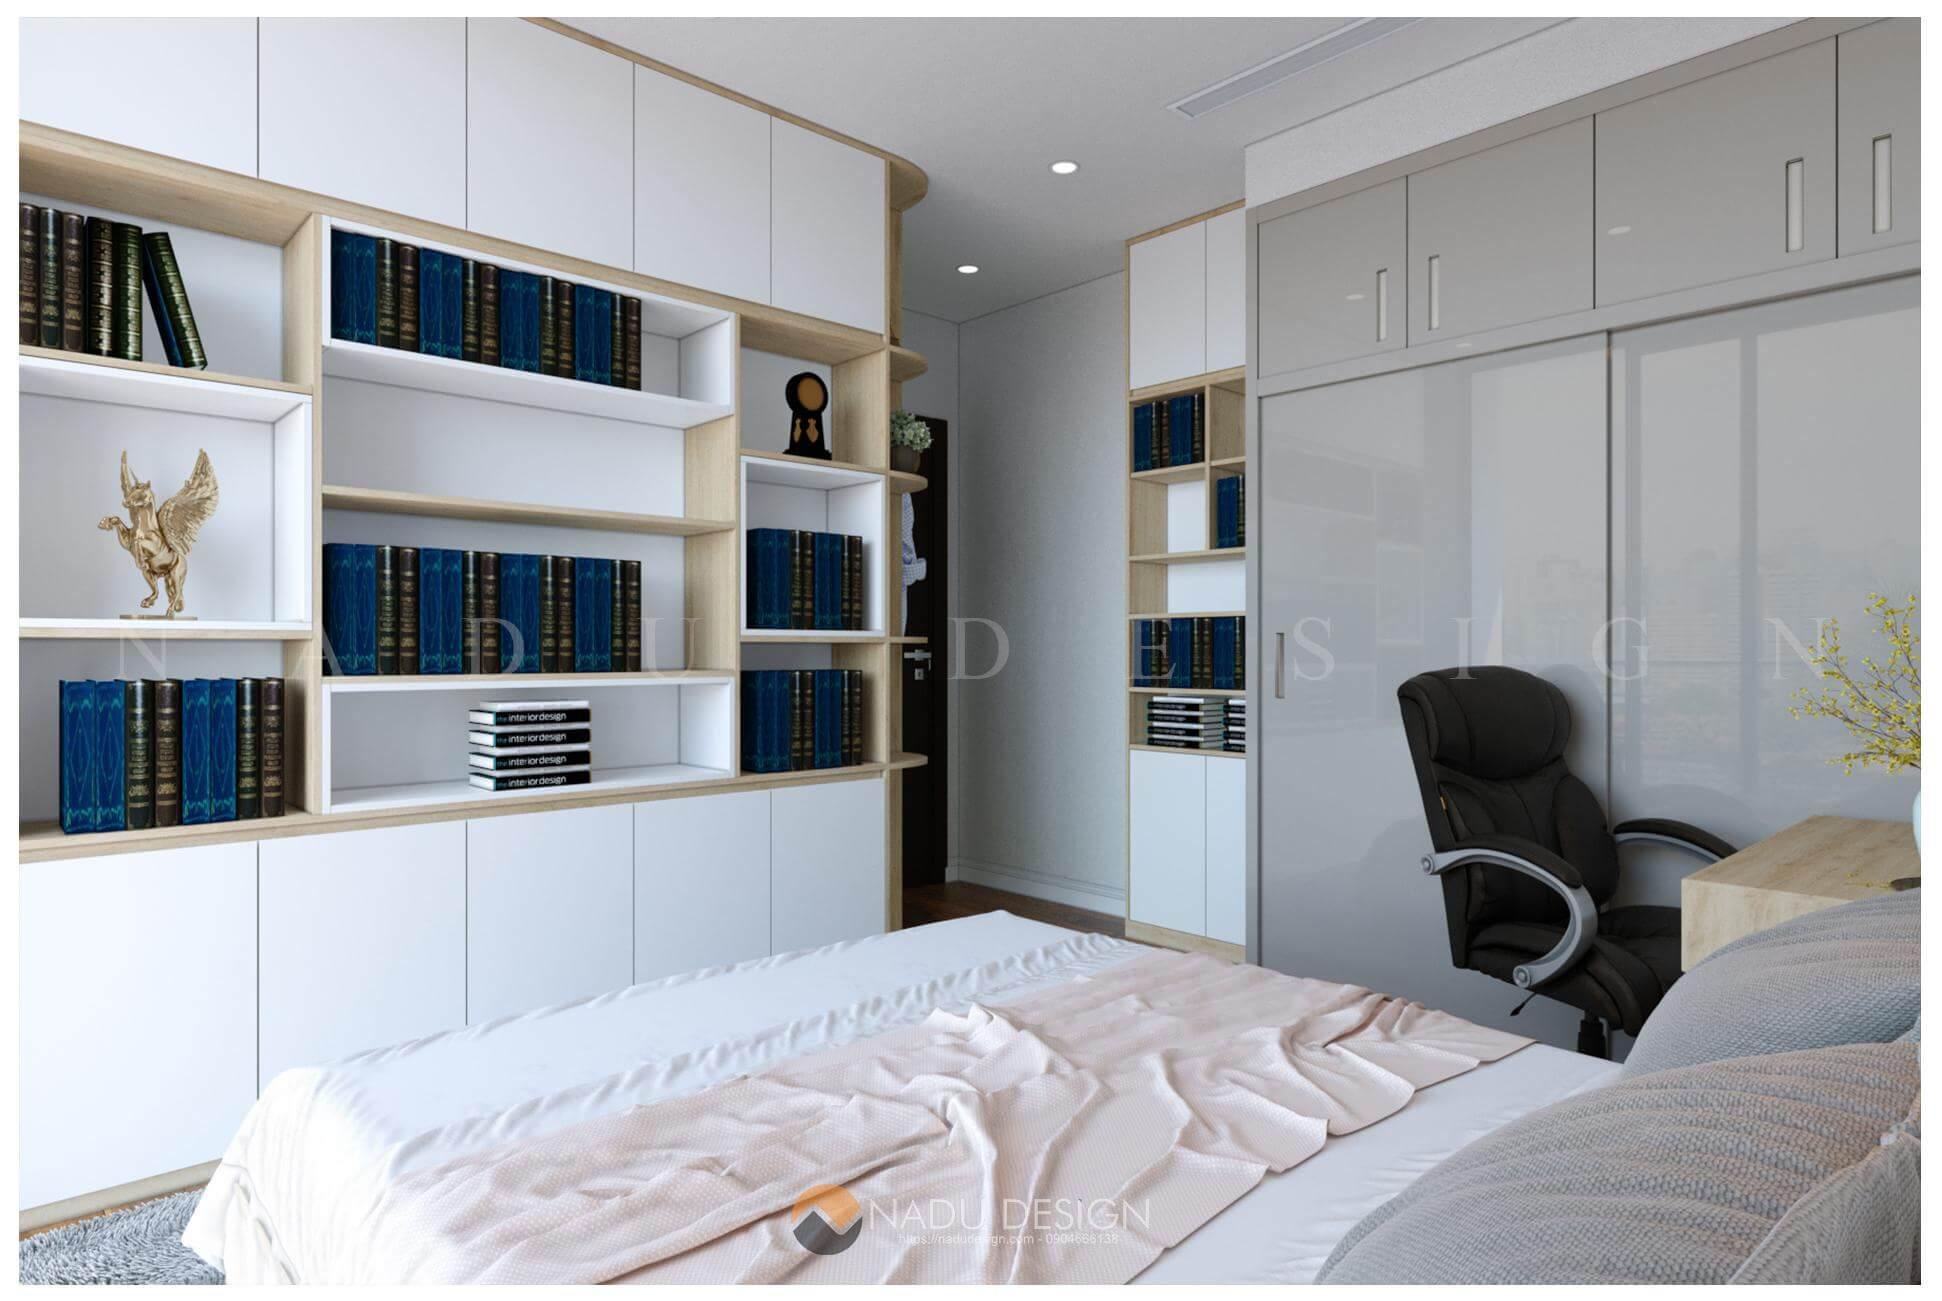 thiết kế nội thất căn hộ Vinhomes West Point nhà chị Huệ phòng ngủ master 8